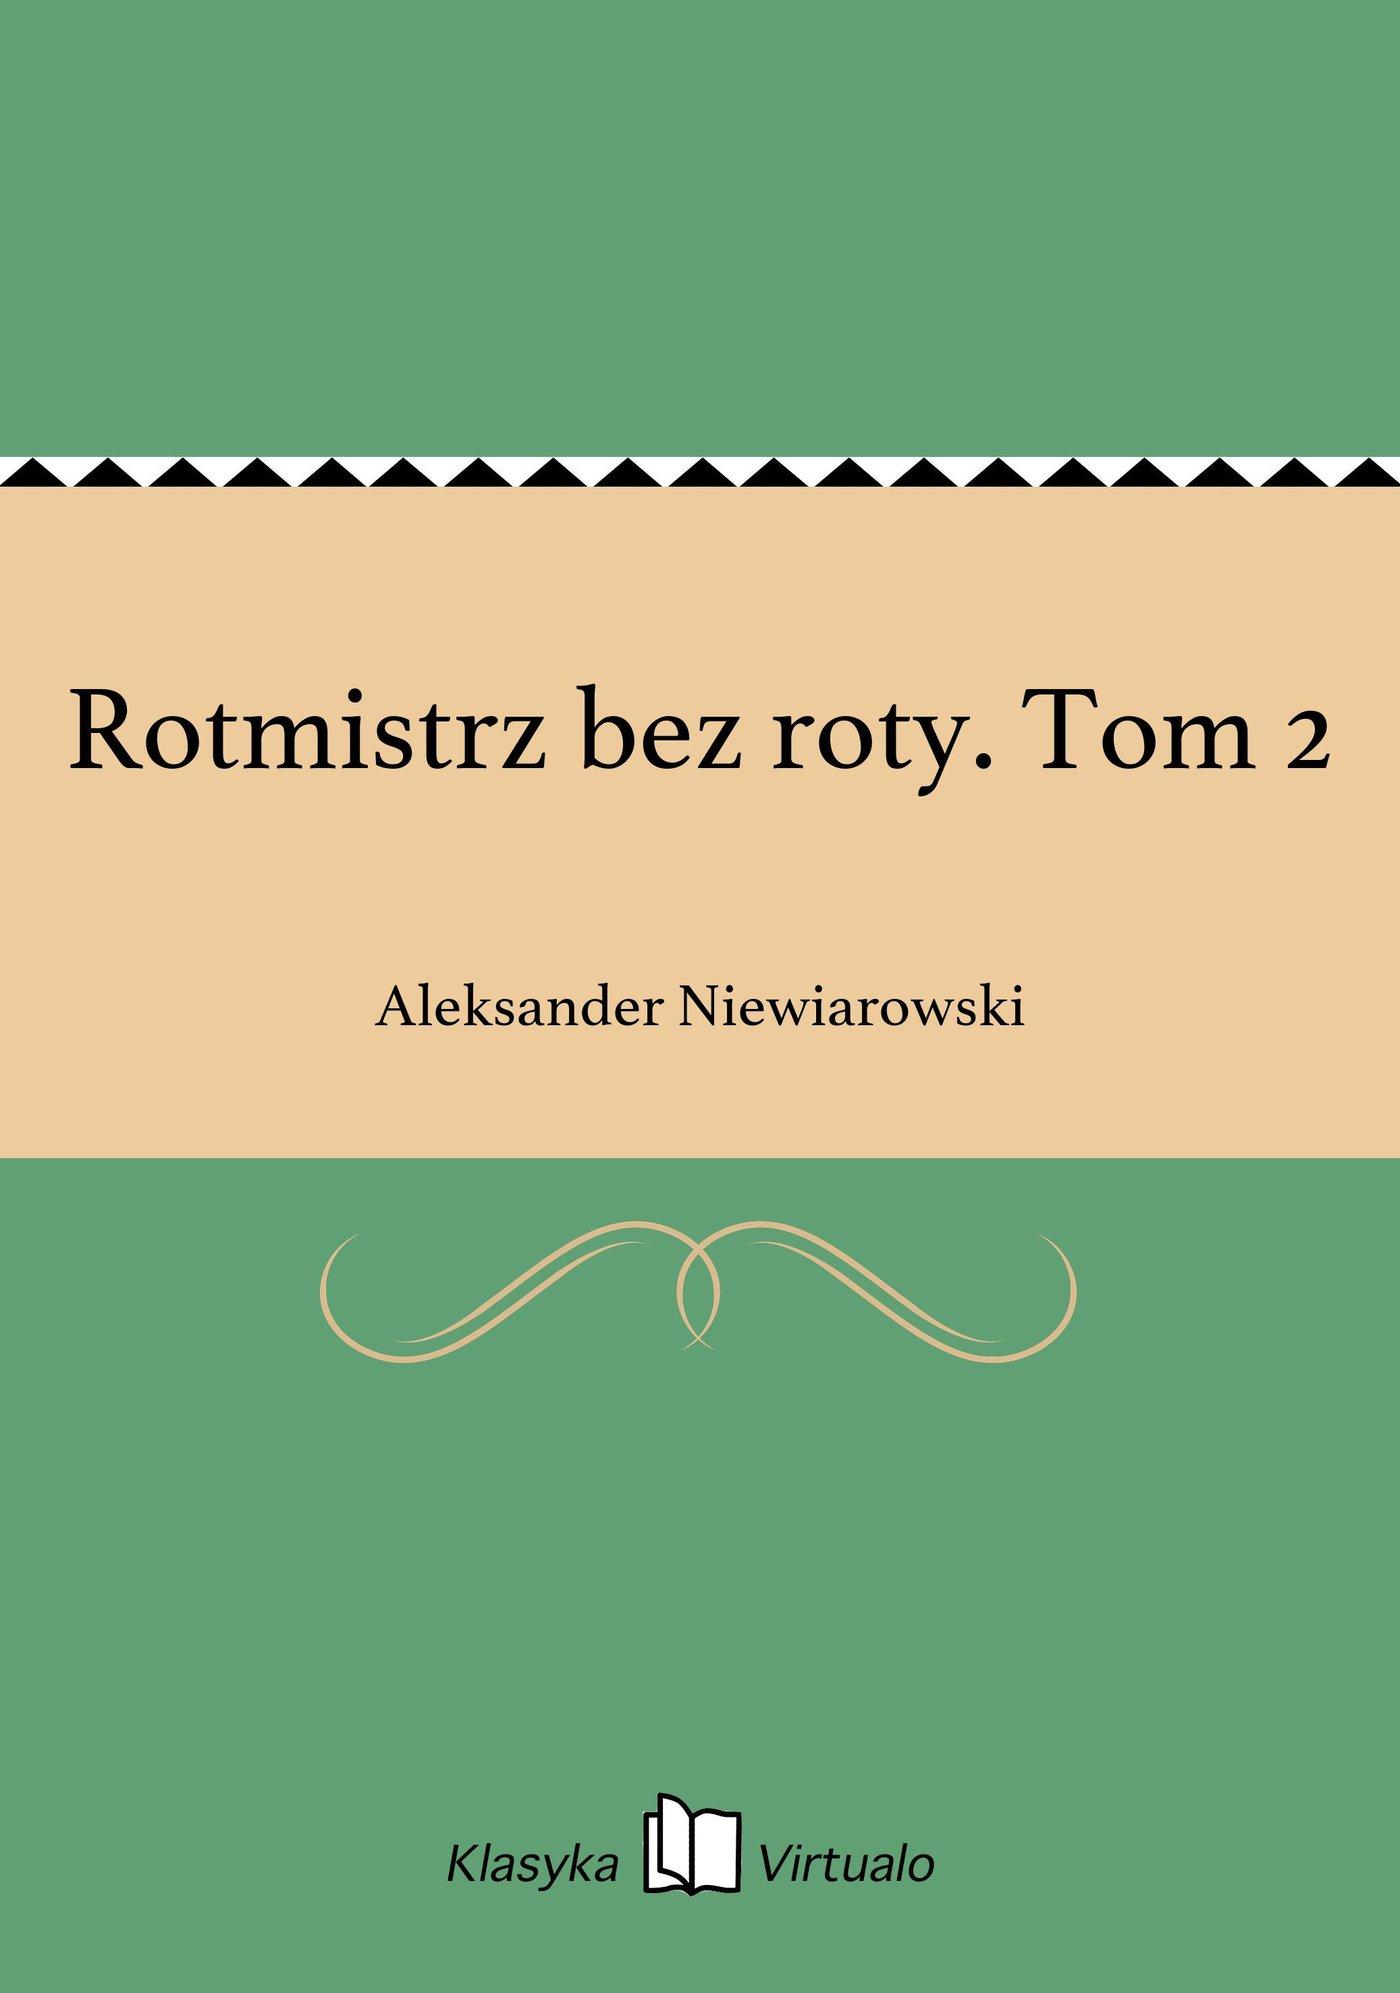 Rotmistrz bez roty. Tom 2 - Ebook (Książka na Kindle) do pobrania w formacie MOBI